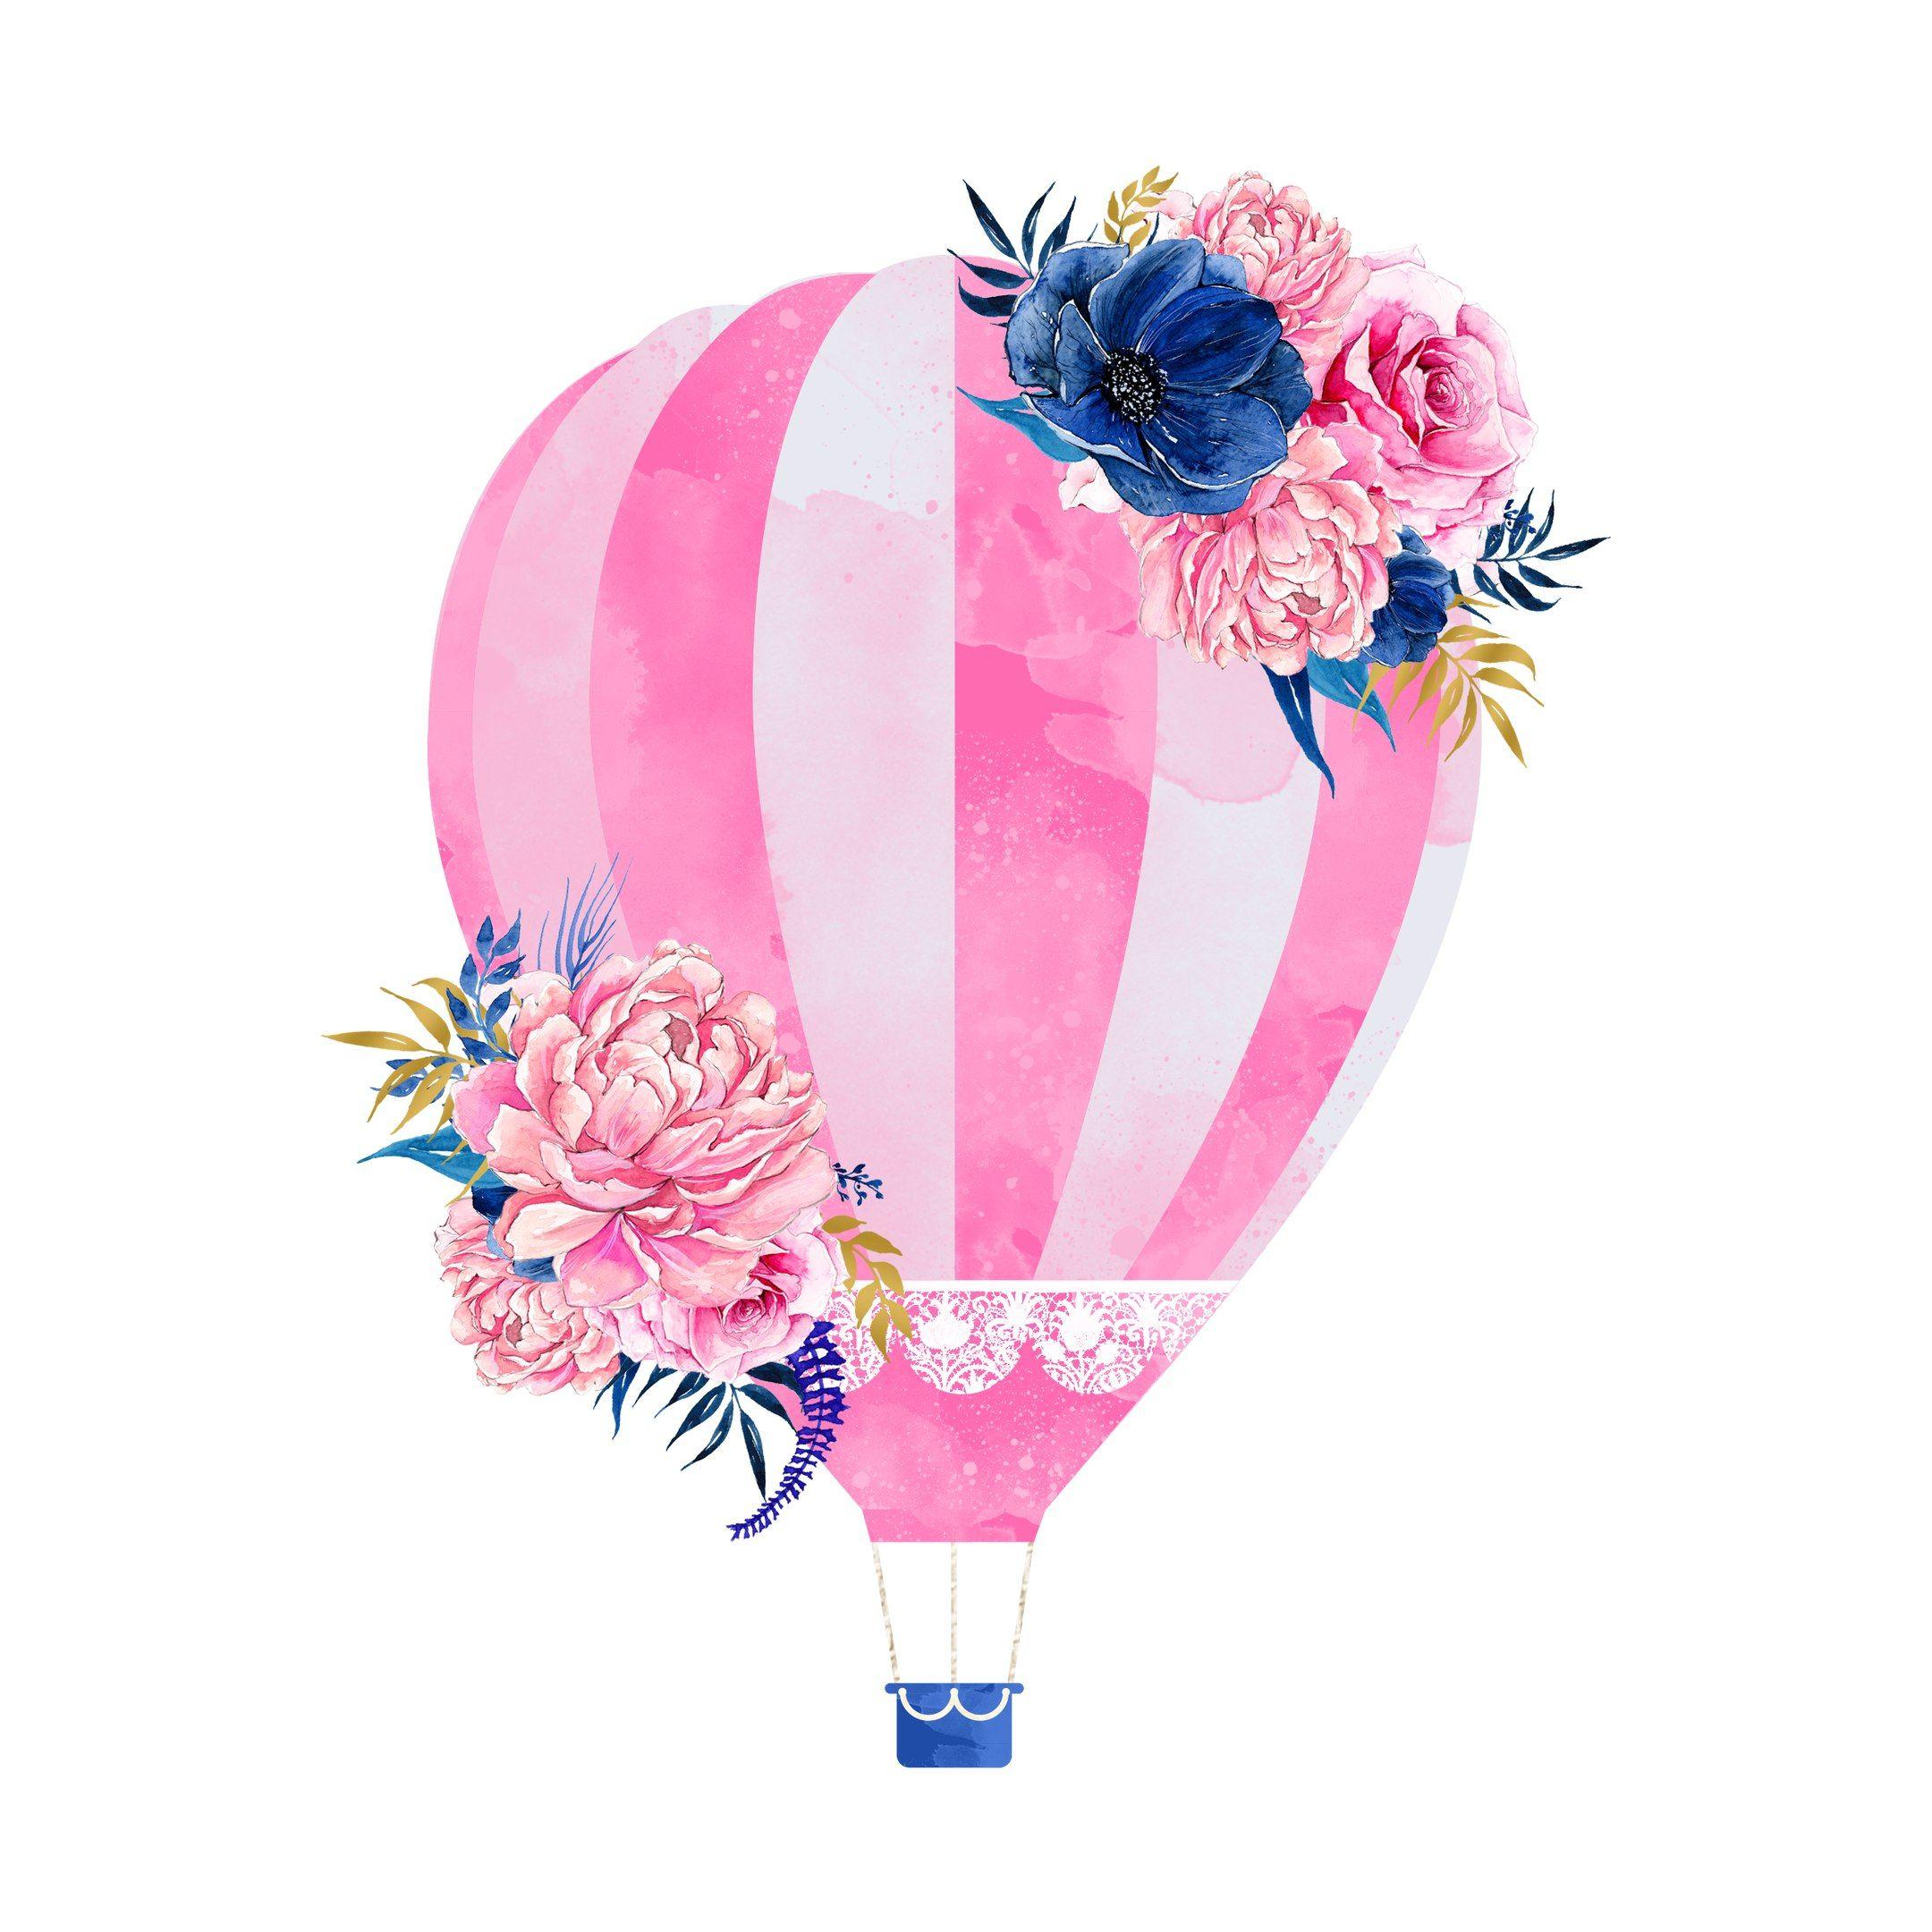 каждый картинки воздушные шары скрапбукинг кого-то моем офисе